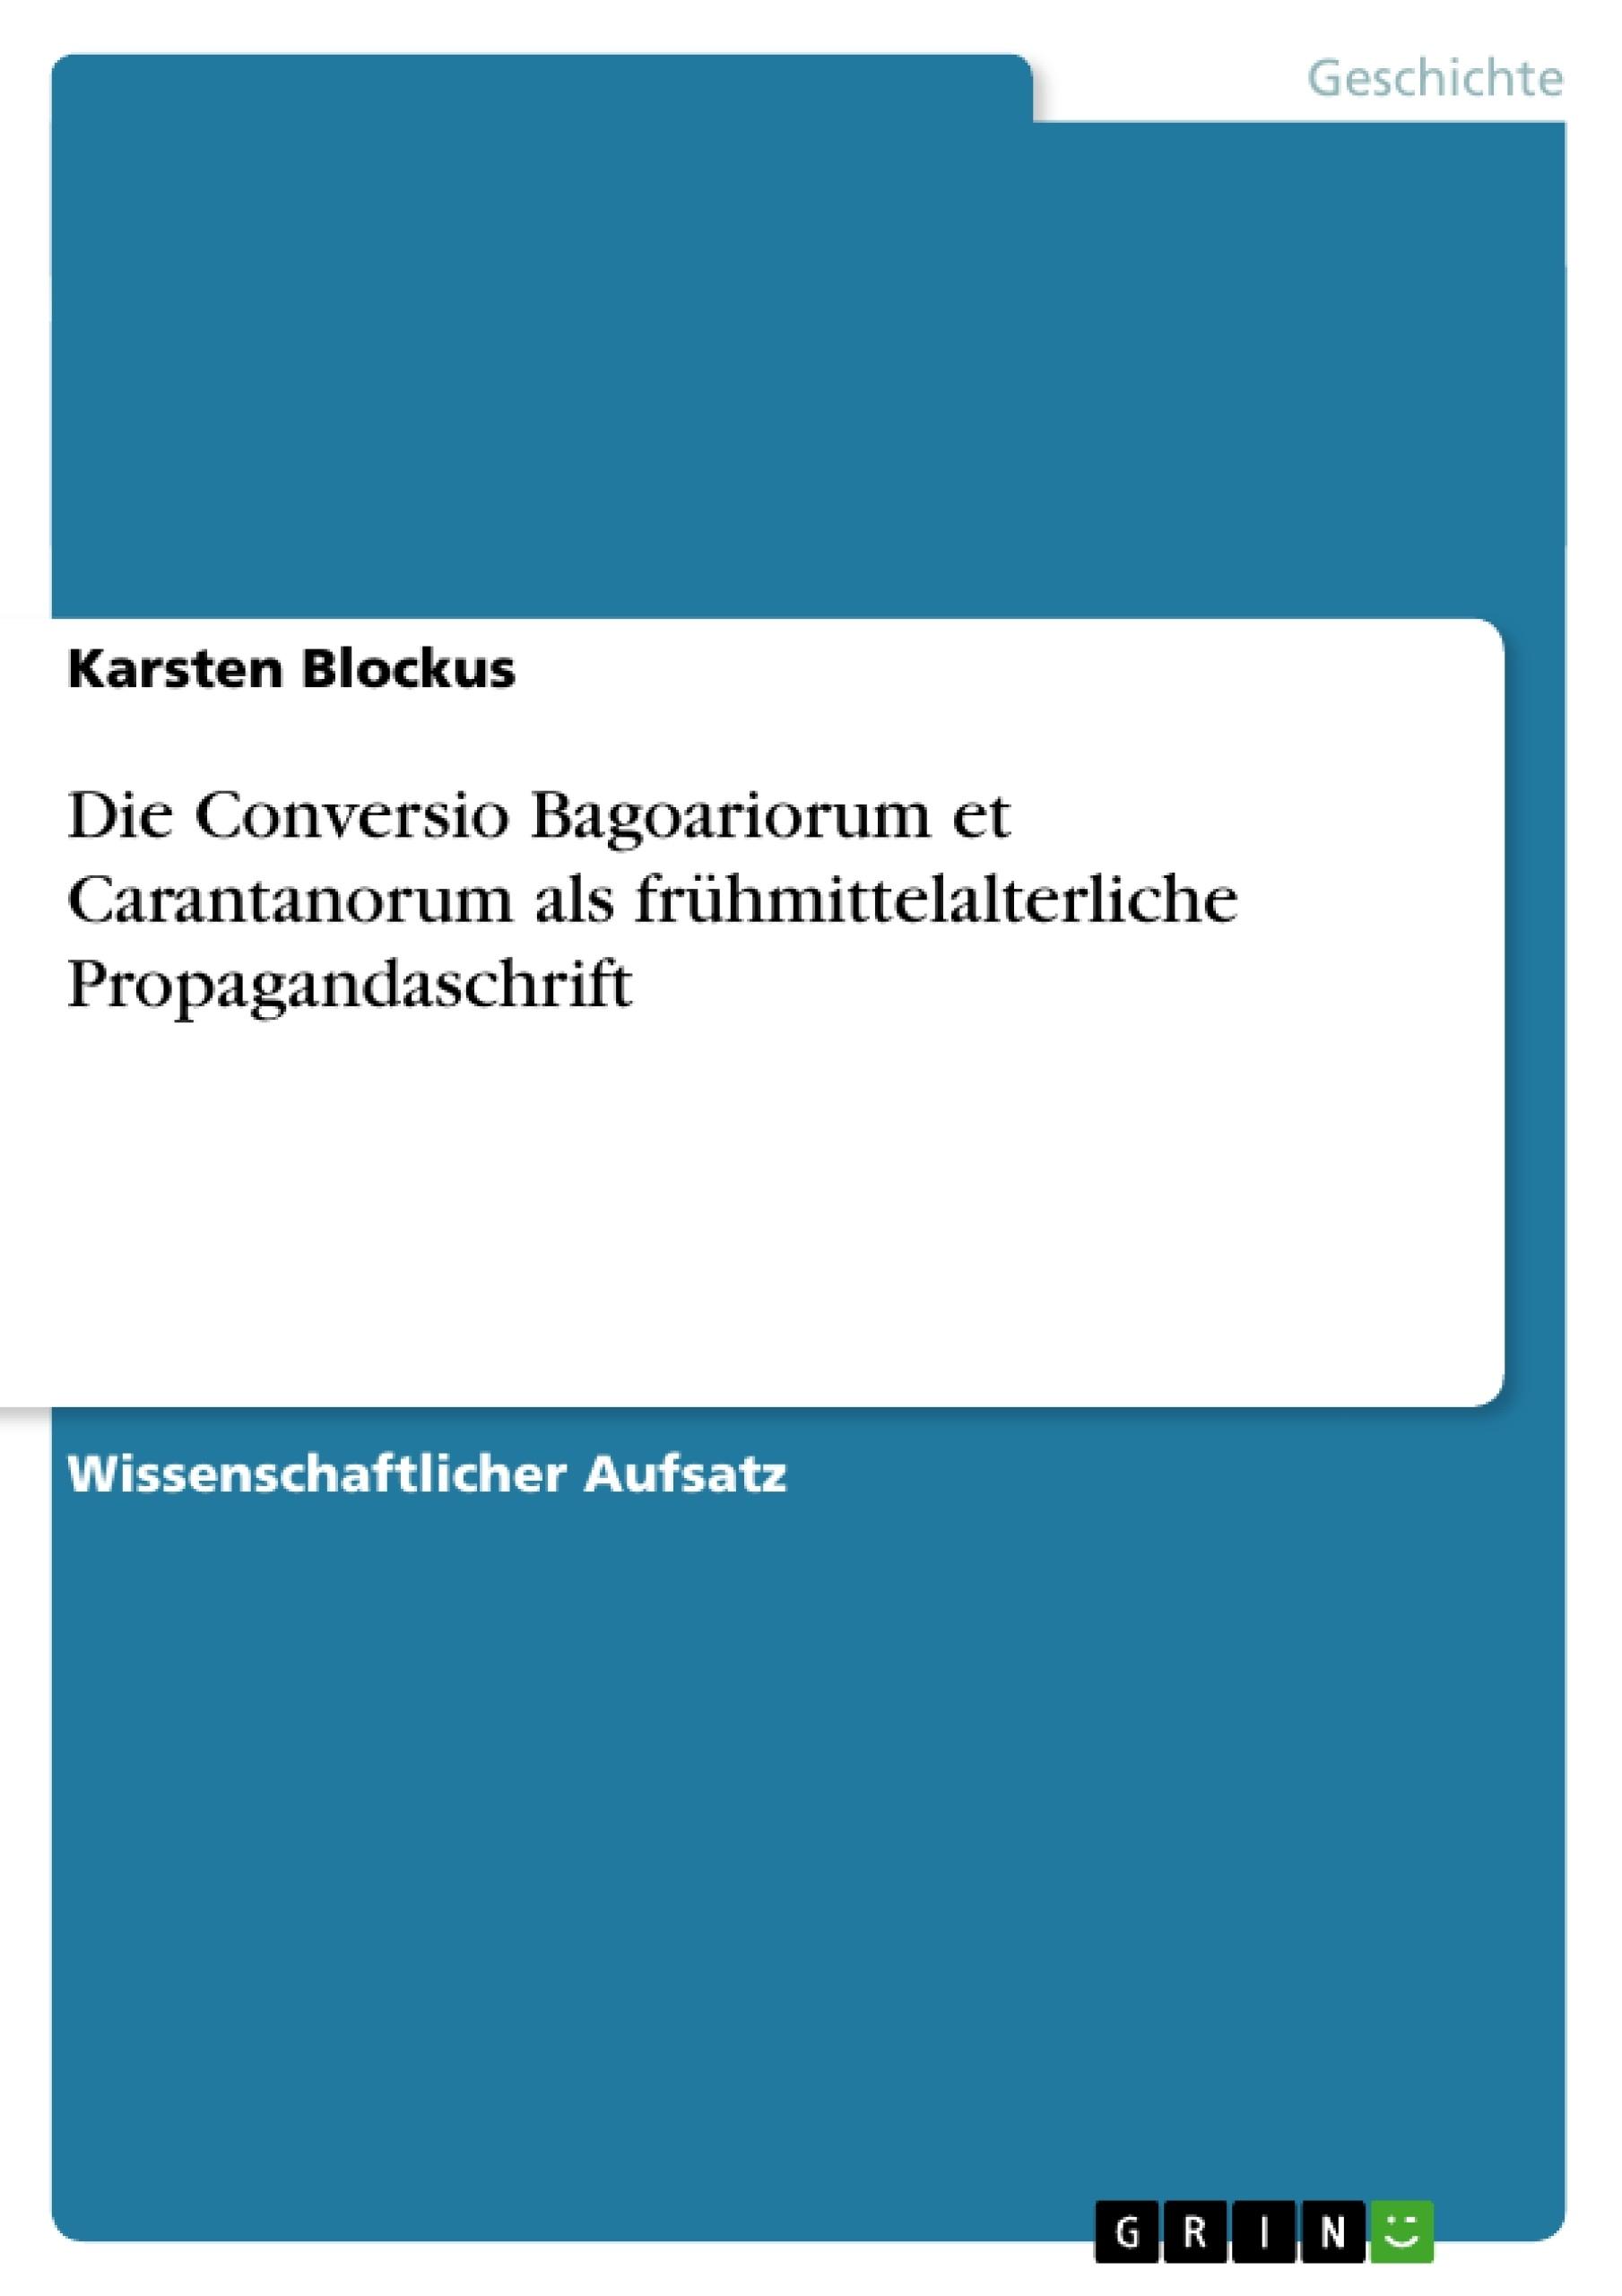 Titel: Die Conversio Bagoariorum et Carantanorum als frühmittelalterliche Propagandaschrift